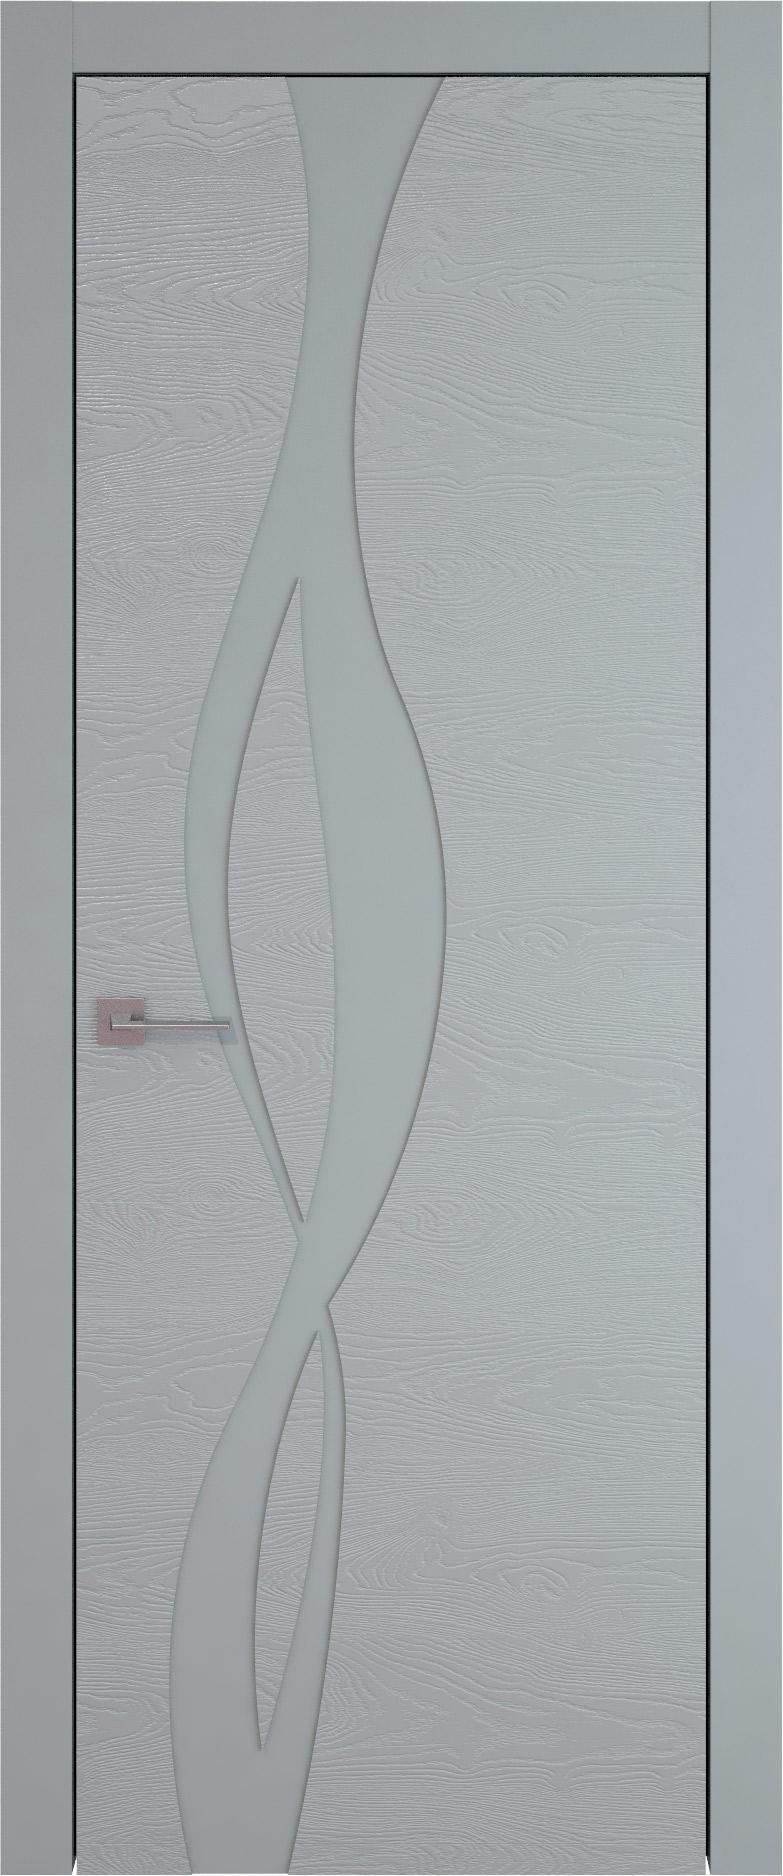 Tivoli Г-5 цвет - Серебристо-серая эмаль по шпону (RAL 7045) Без стекла (ДГ)